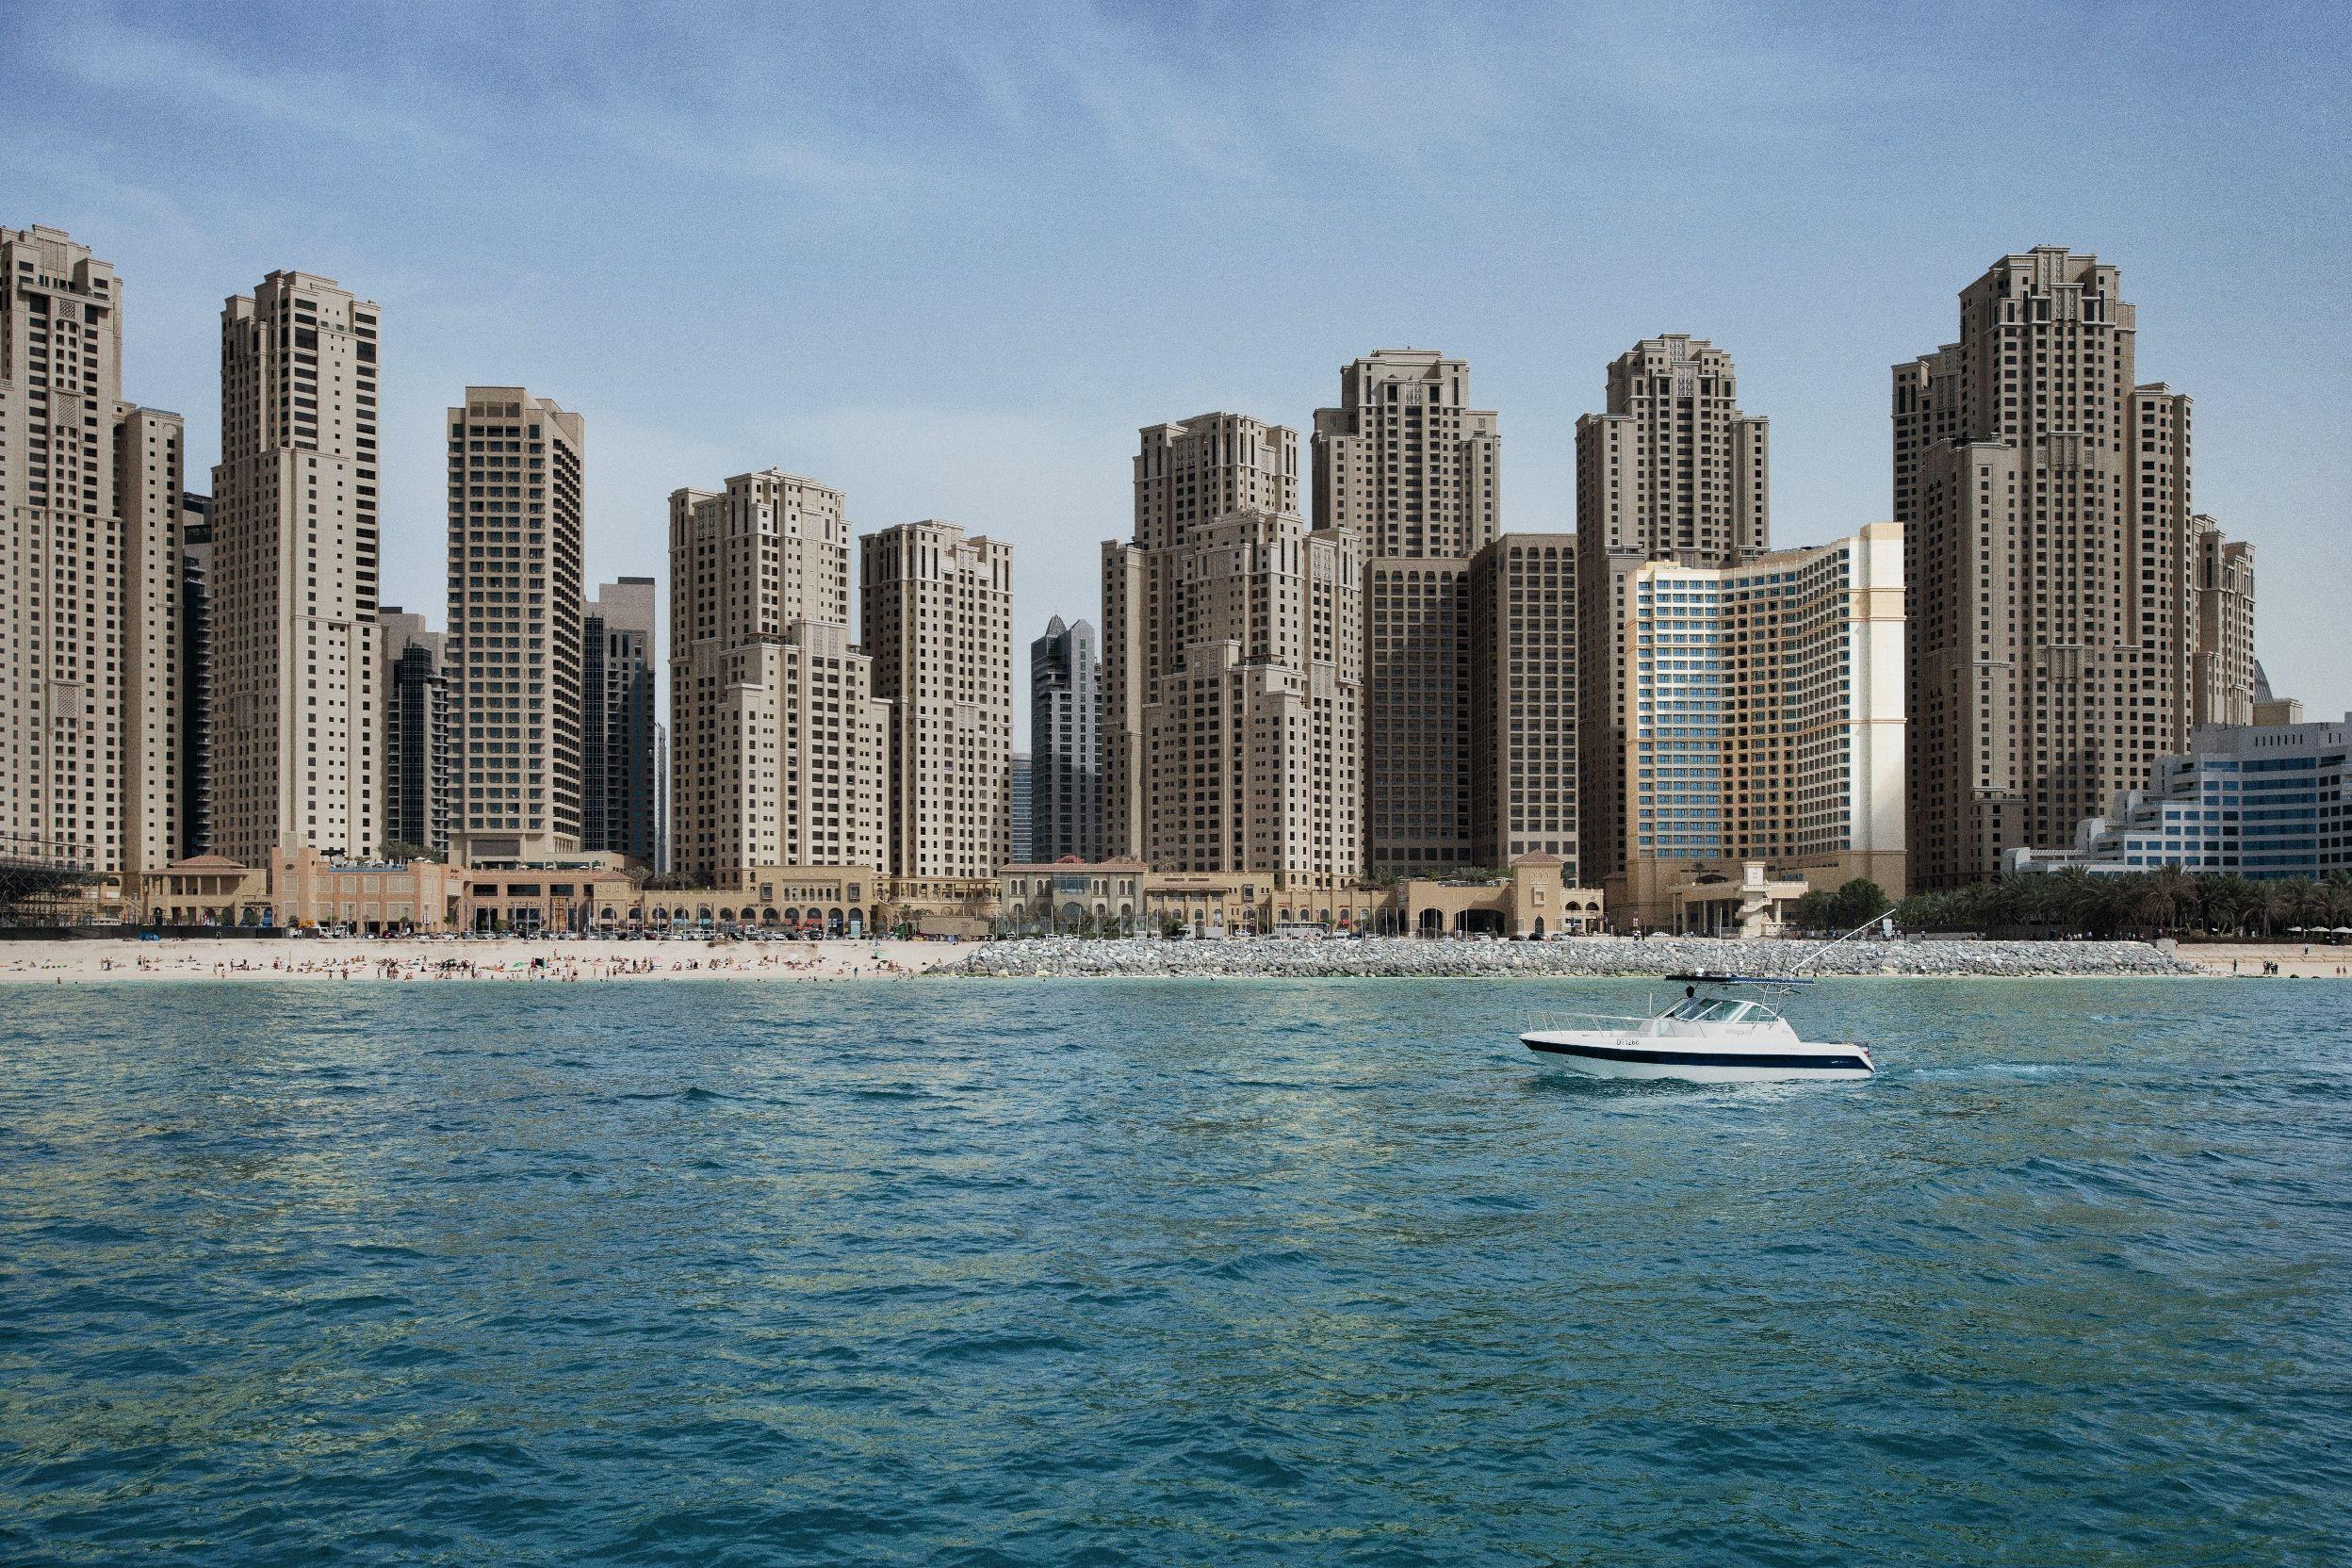 Ja Ocean View Hotel Jaoceanviewhotel Ocean View Hotel Ocean View Dubai Hotel